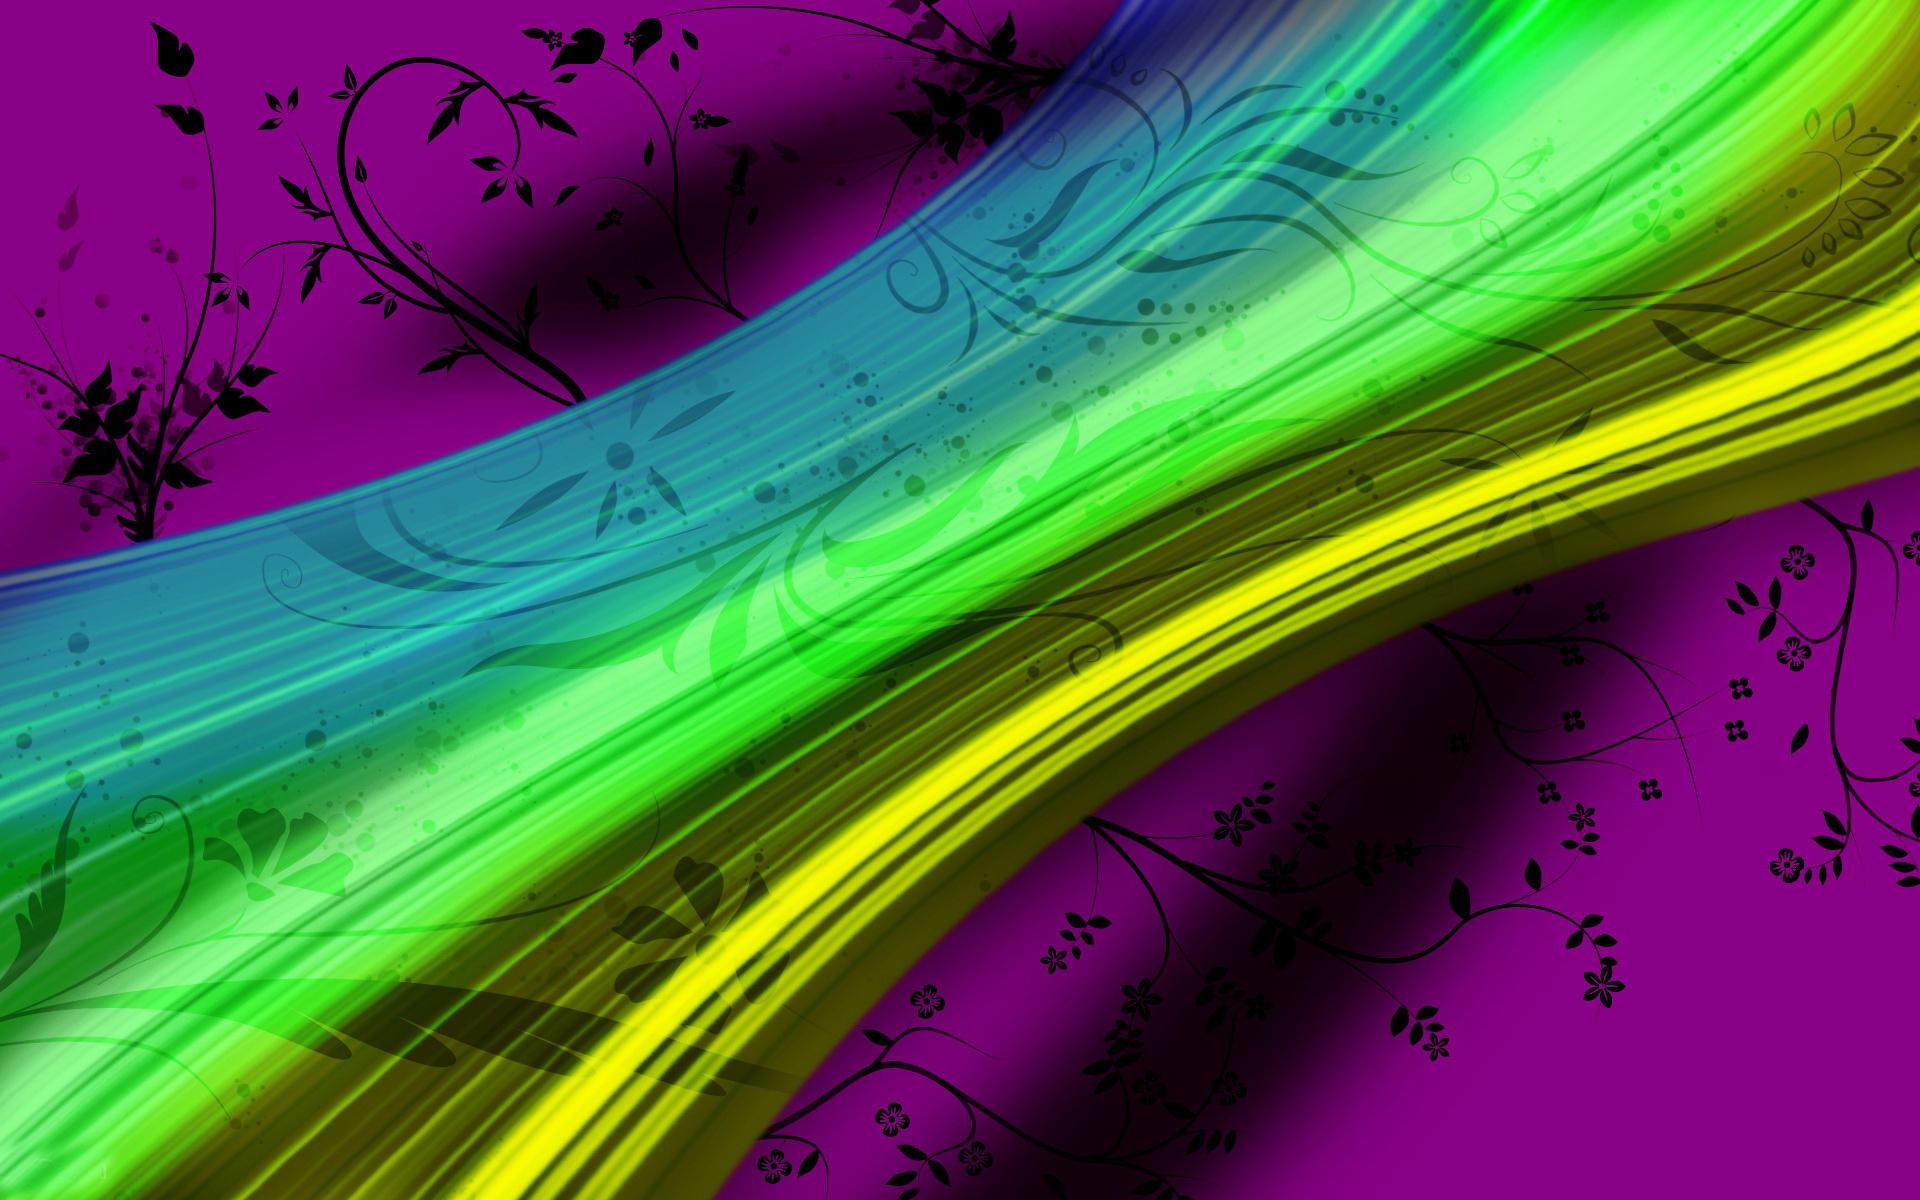 炫彩创意设计壁纸【高清大全图片】 太平洋电脑图片